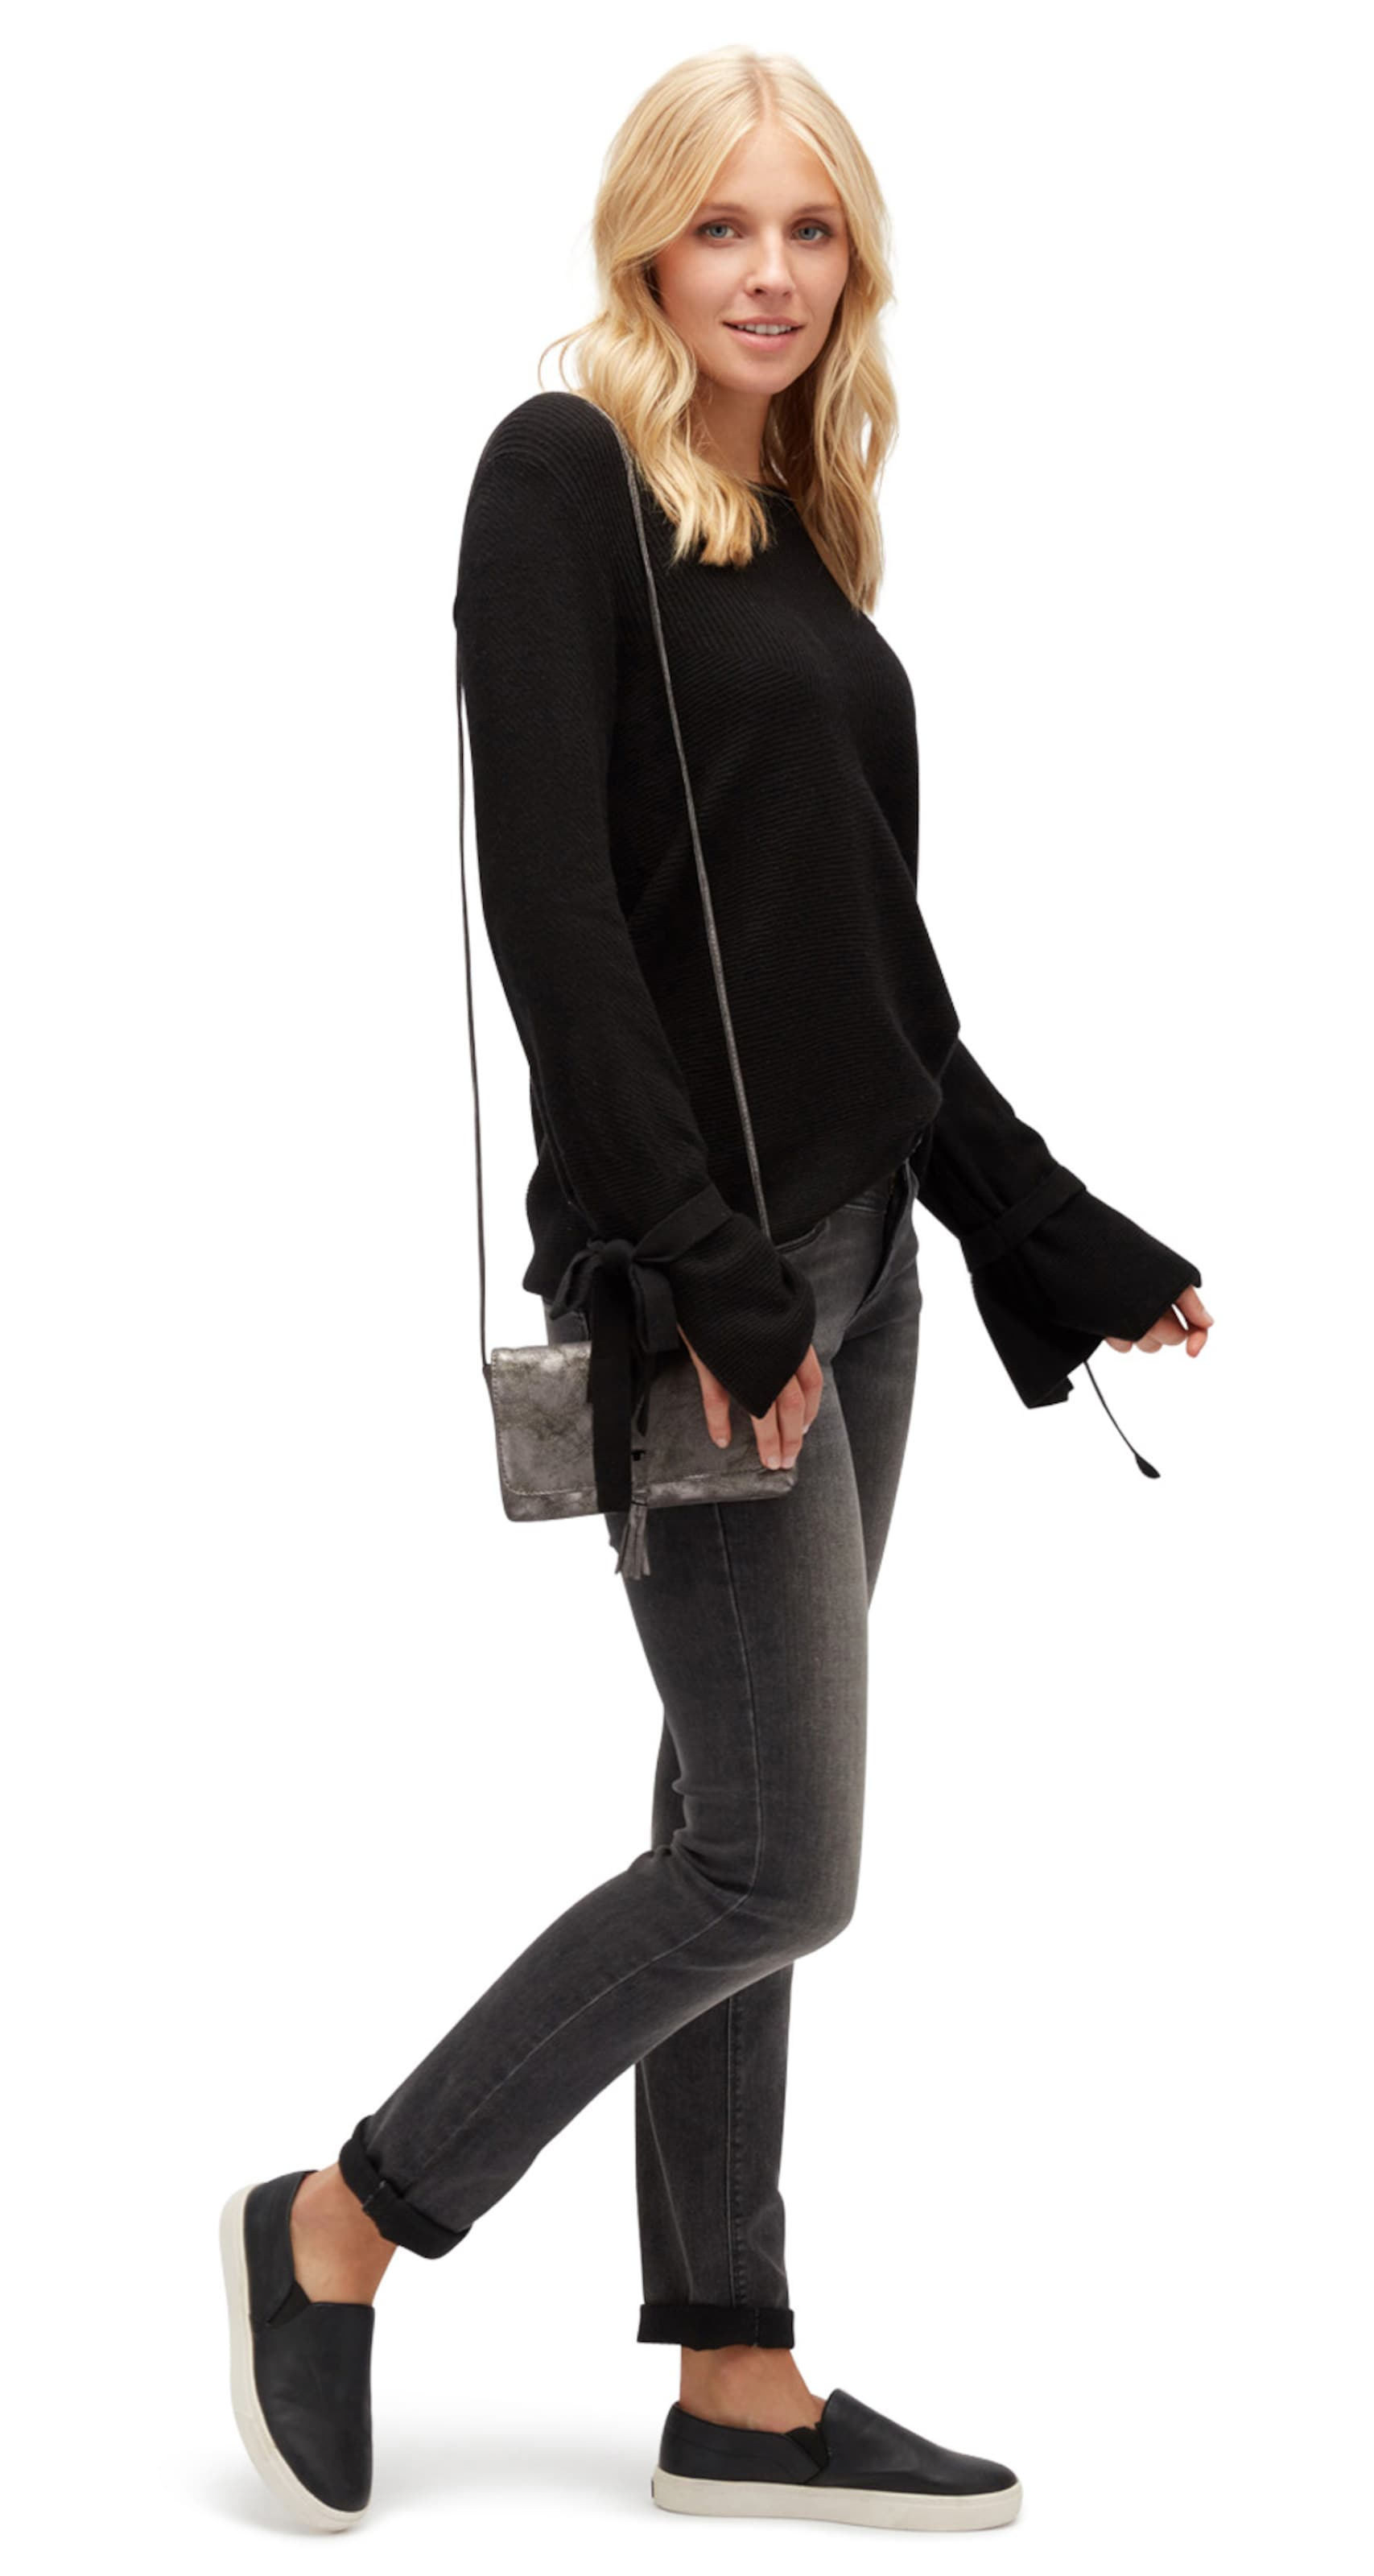 Spielraum Beruf TOM TAILOR knit Pullover mit Bindeband am Ärmel Billig Verkauf Rabatte Günstig Kaufen 2018 Unisex Zuverlässig CCj3fsa